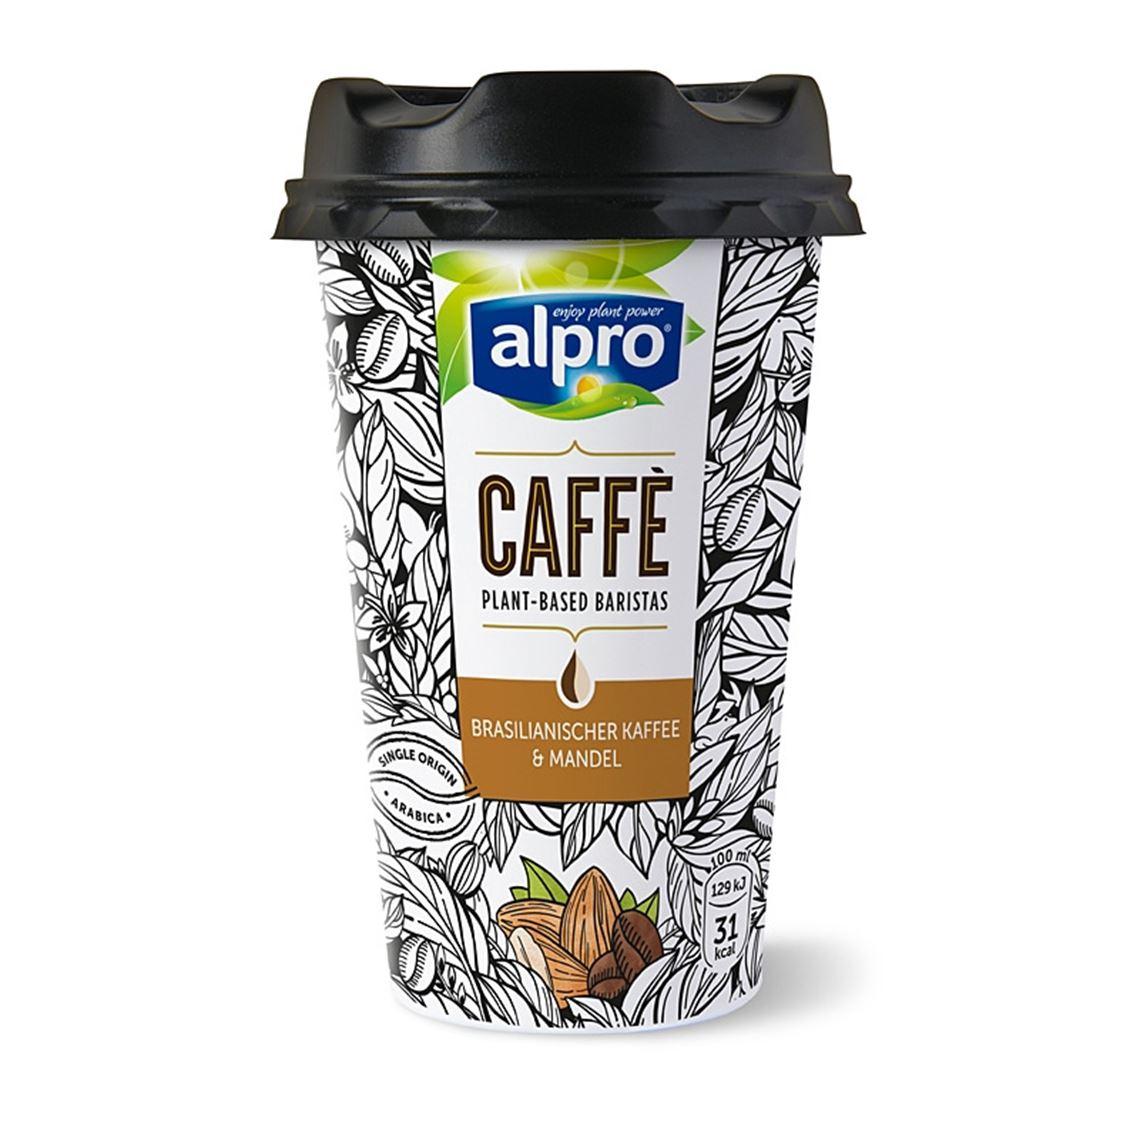 Alpro Brasilianischer Kaffee & Mandel vegan 235ml